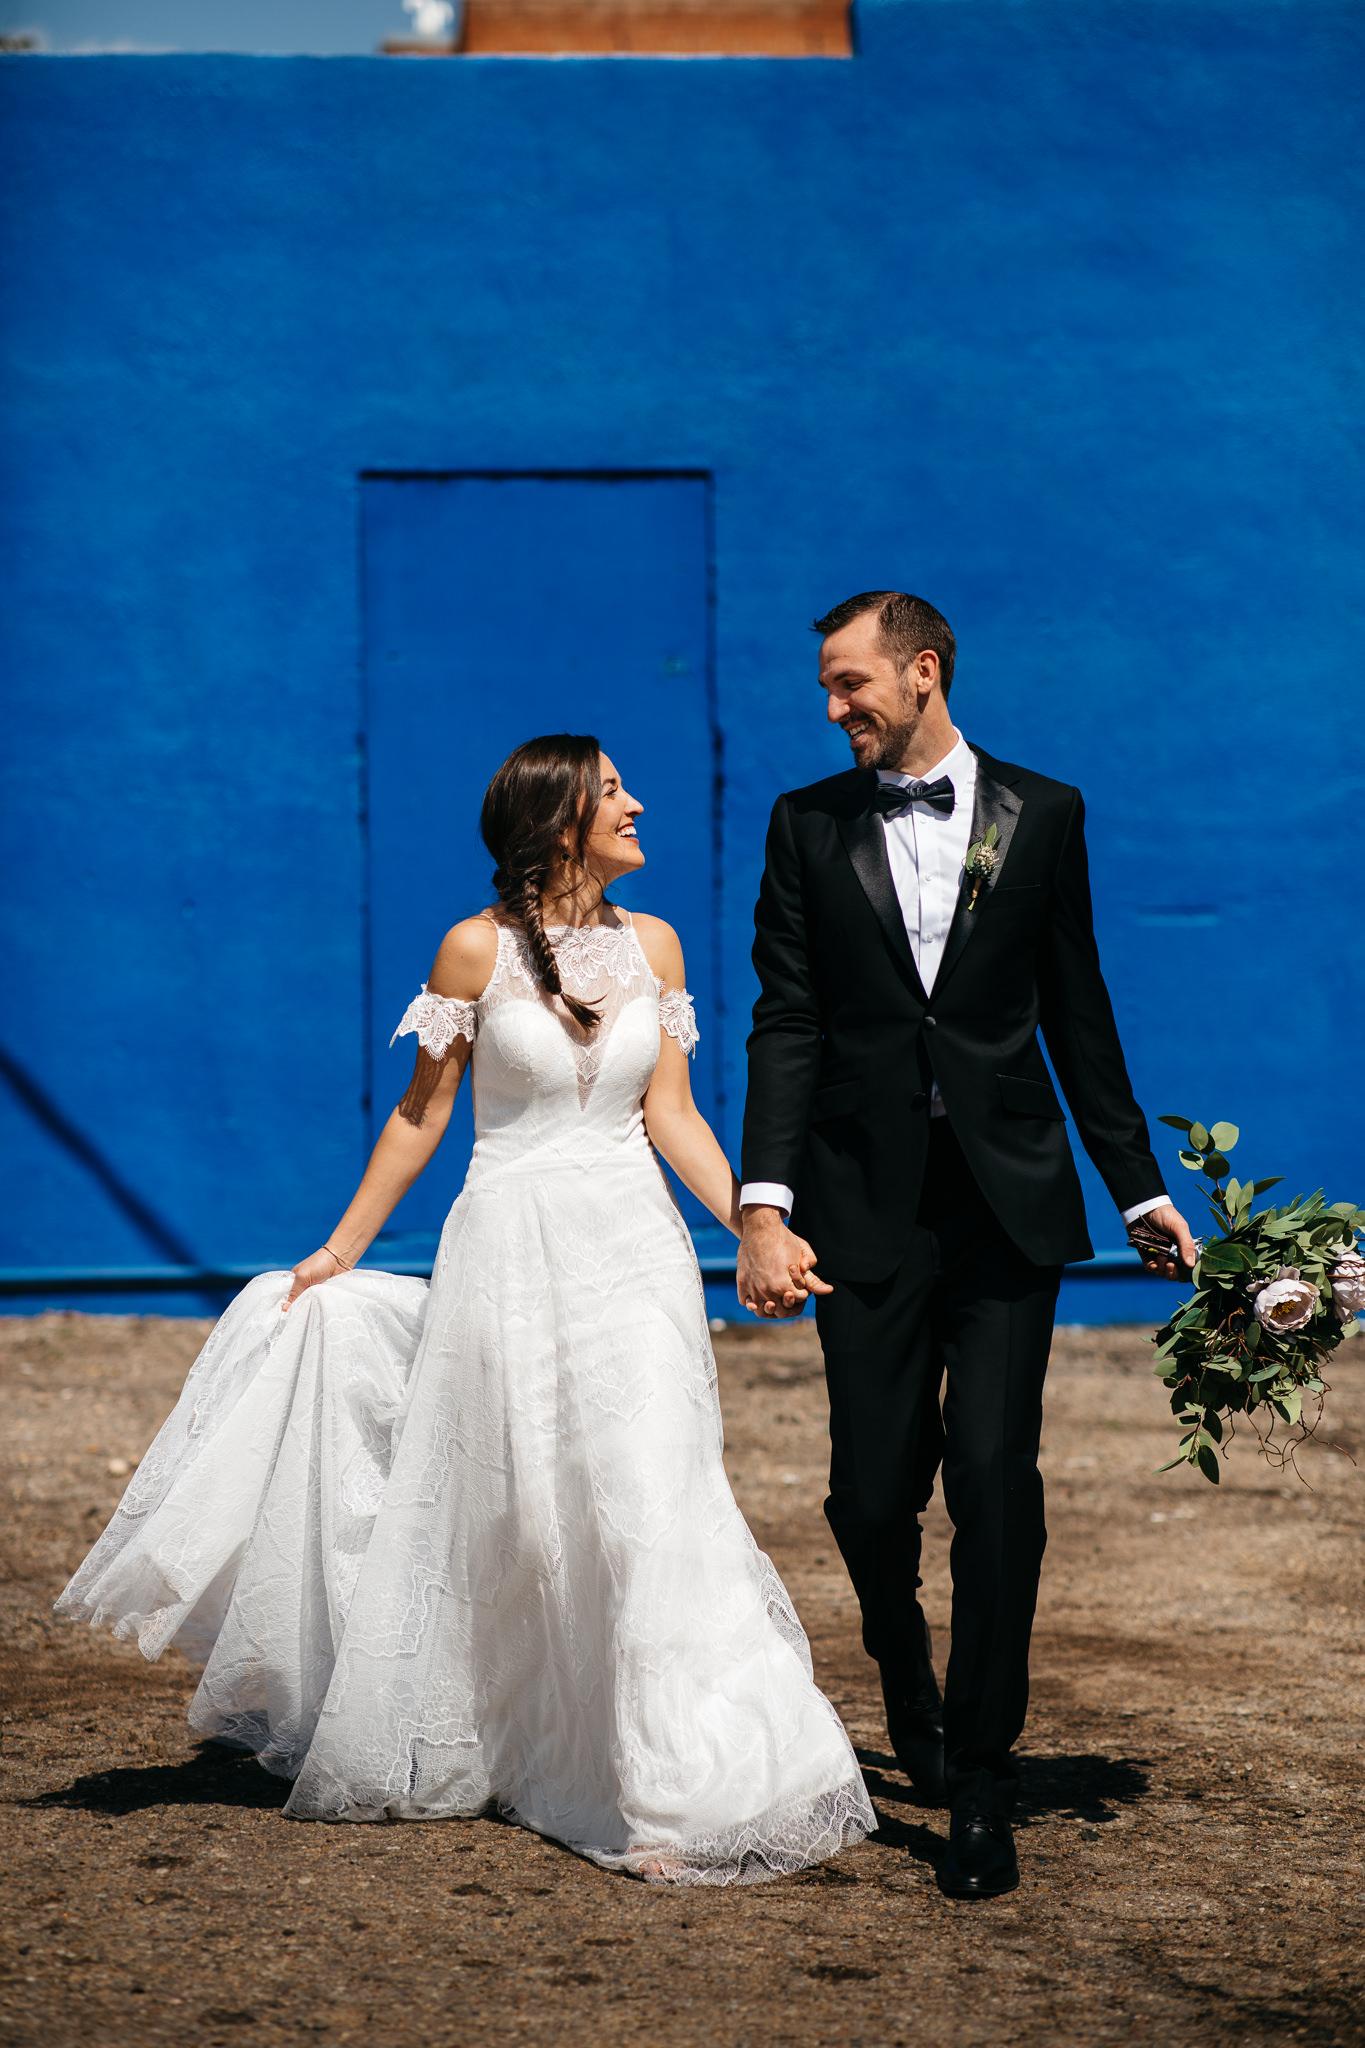 The-St-Vrain-Wedding-Photos-2.JPG